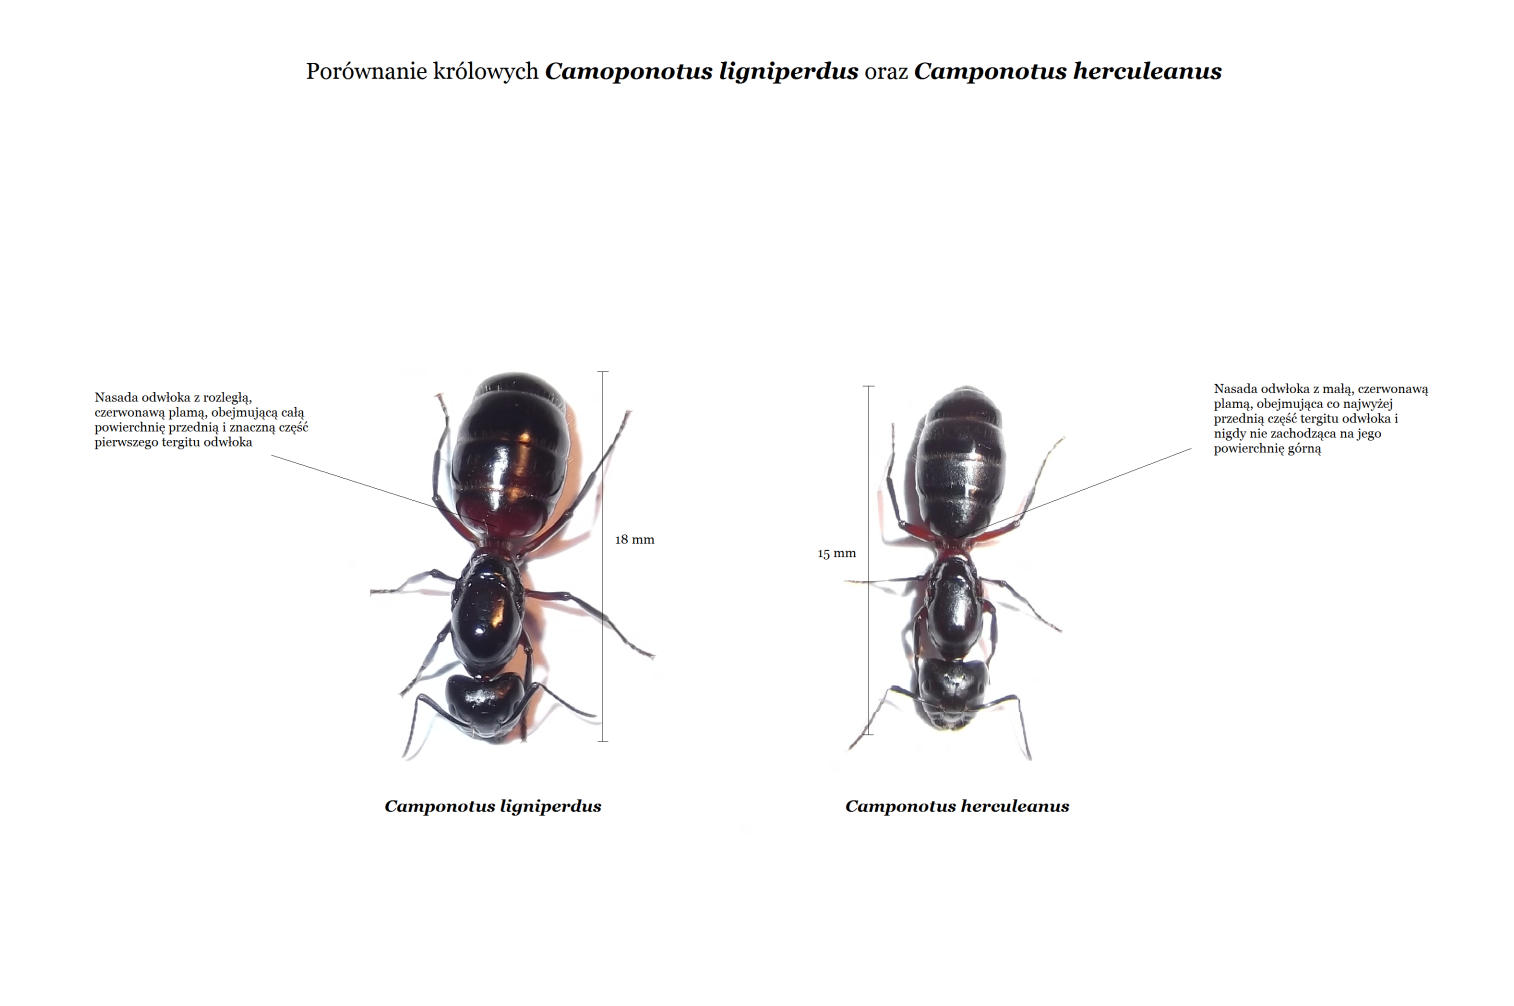 Camponotus ligniperdus i Camponotus herculeanus